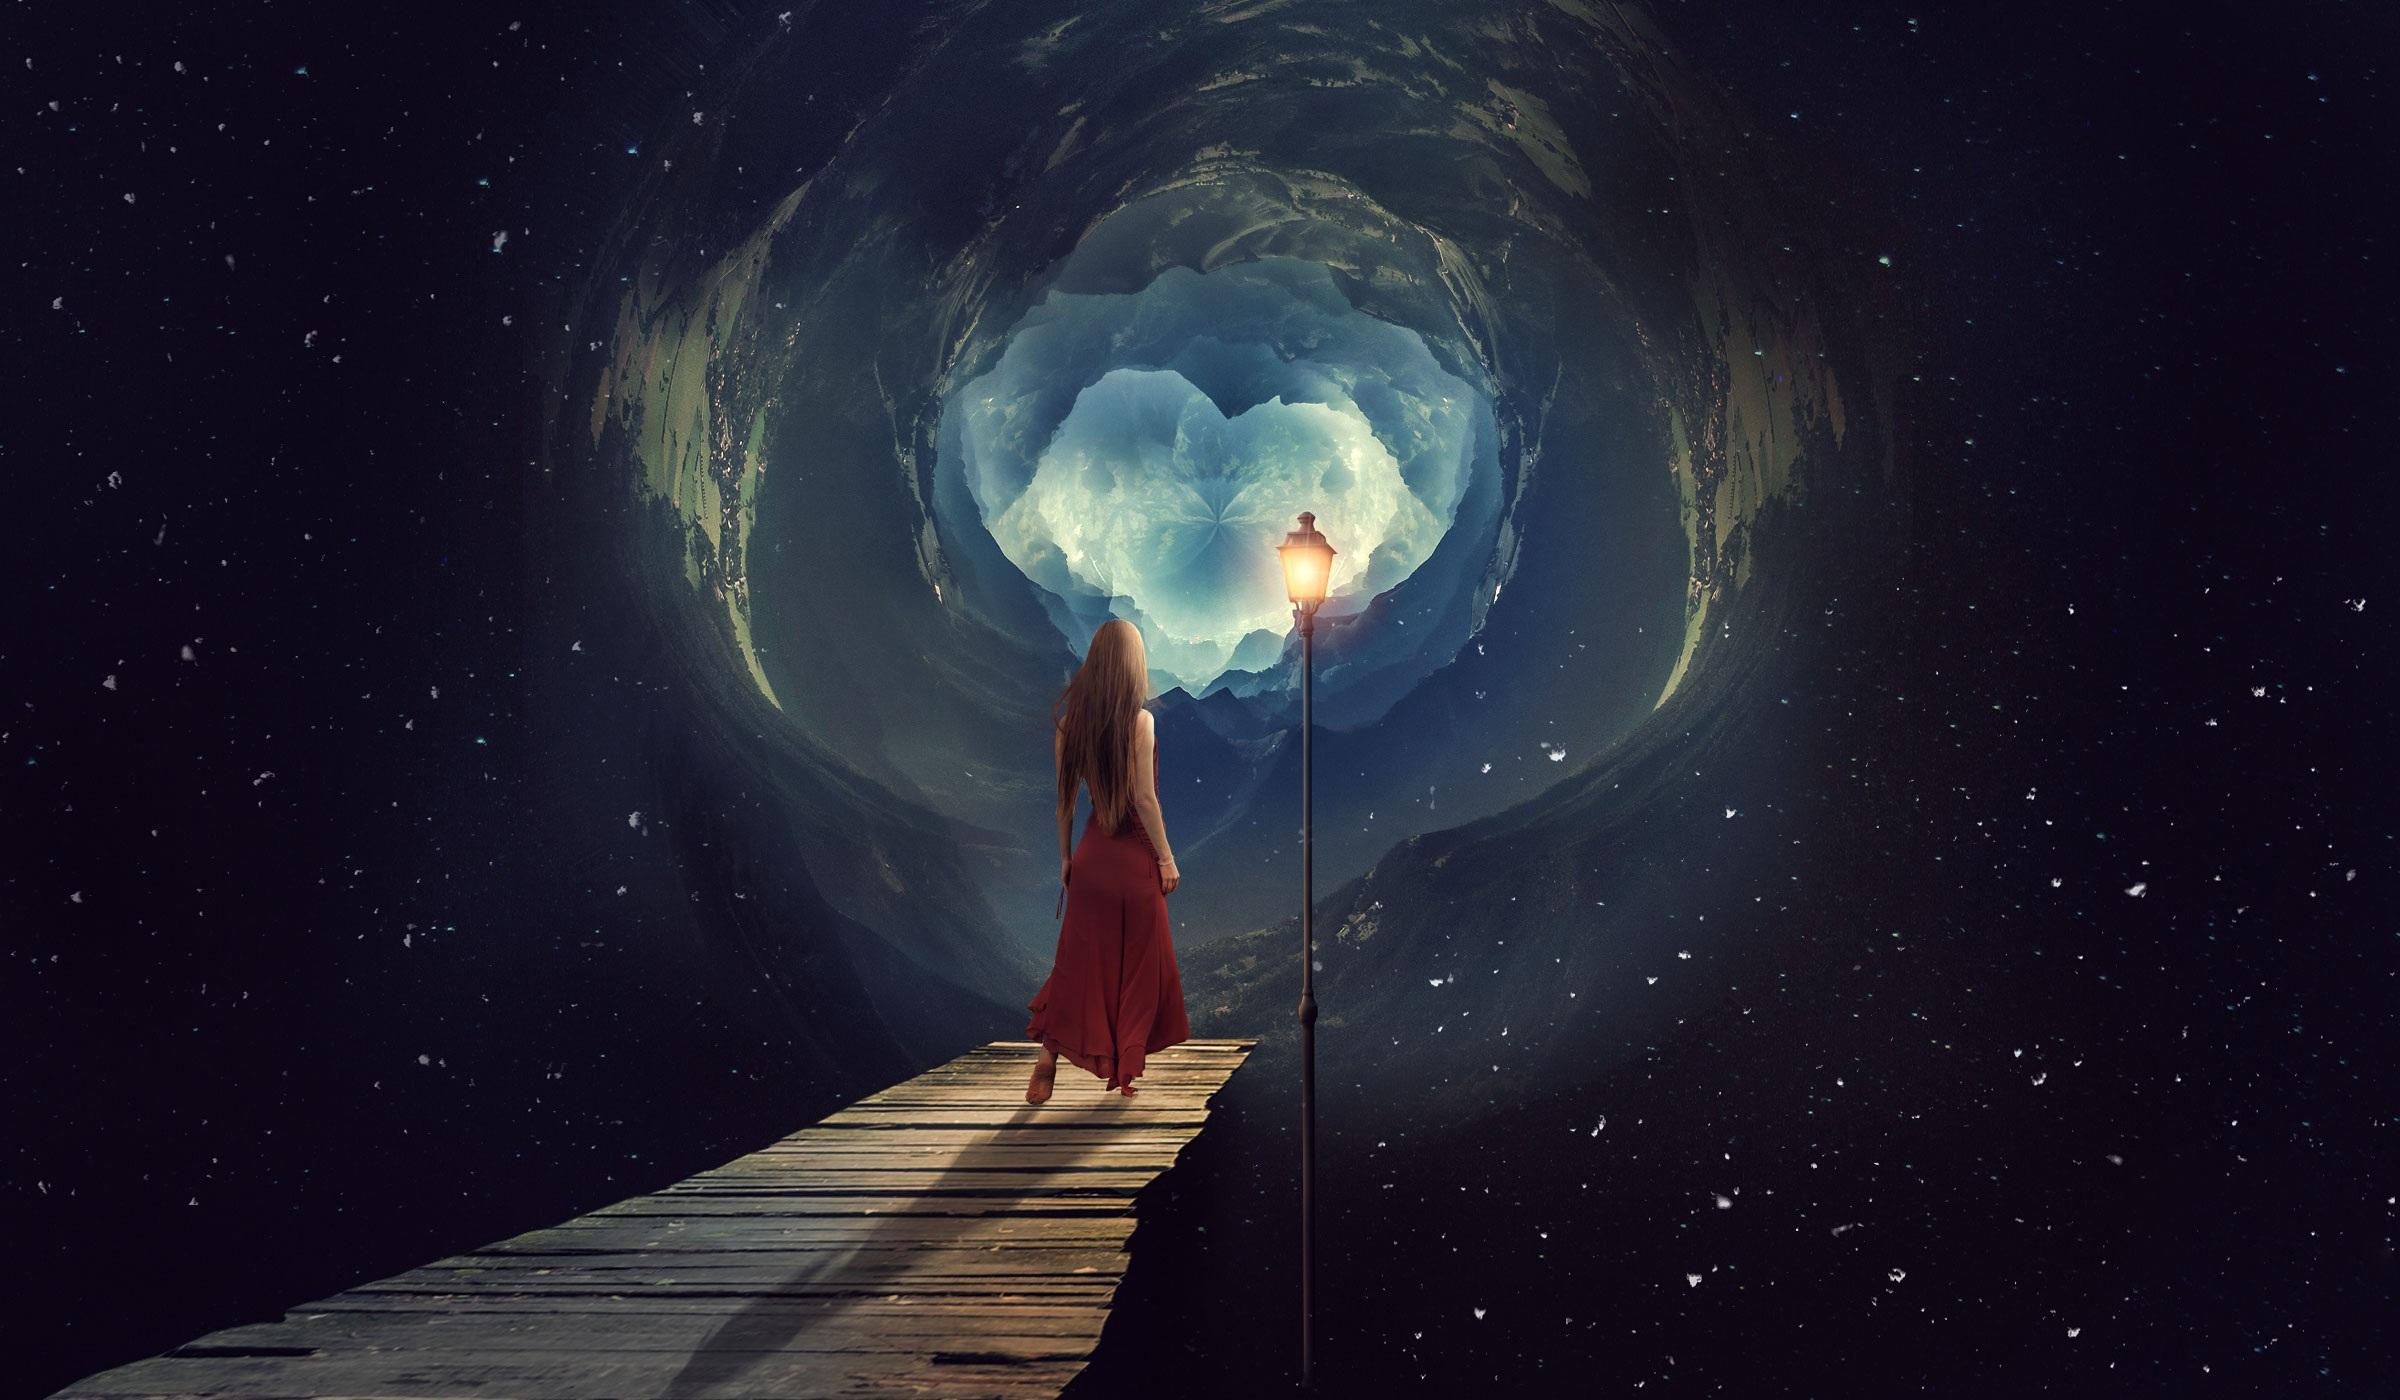 أسئلة وأجوبة روحانية حول الأحلام